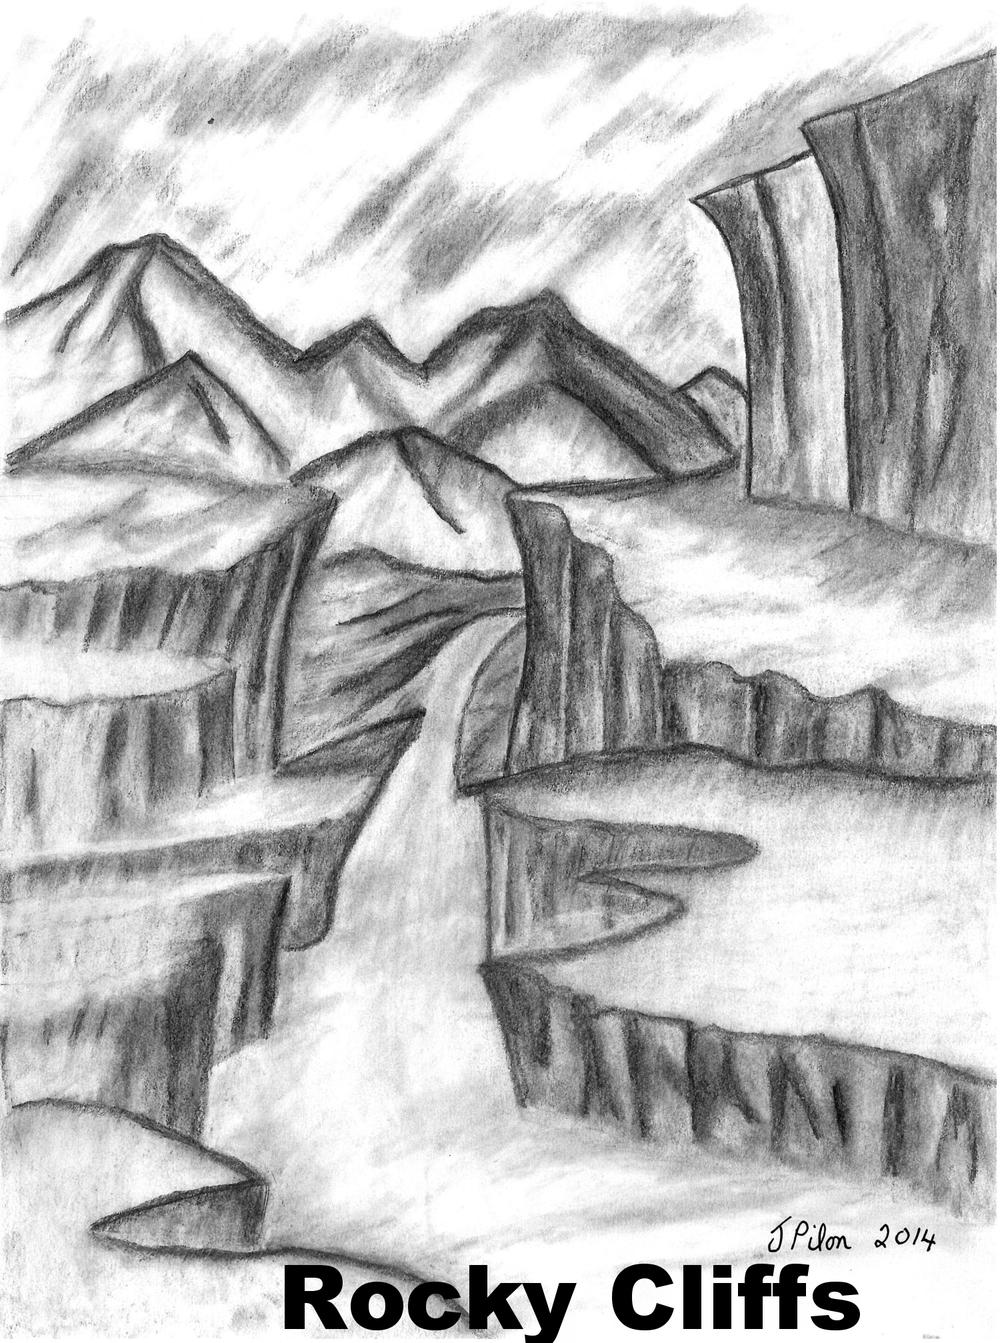 1000x1343 Natural Scene Pencil Sketch Drawn Scenic Natural Scenery